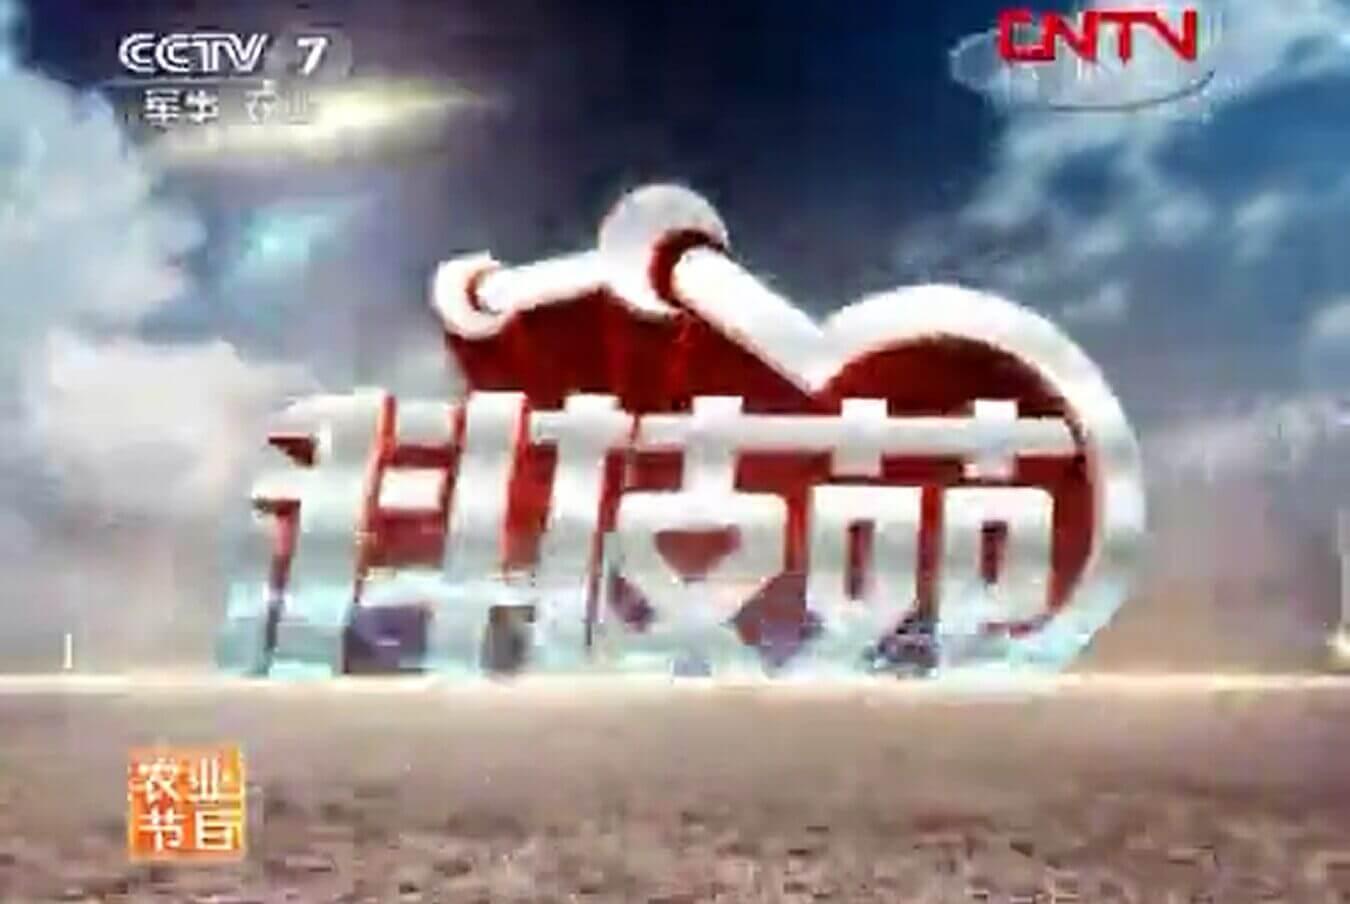 中国网络电视台-《科技苑》 20120215 教大母兔当个好妈妈